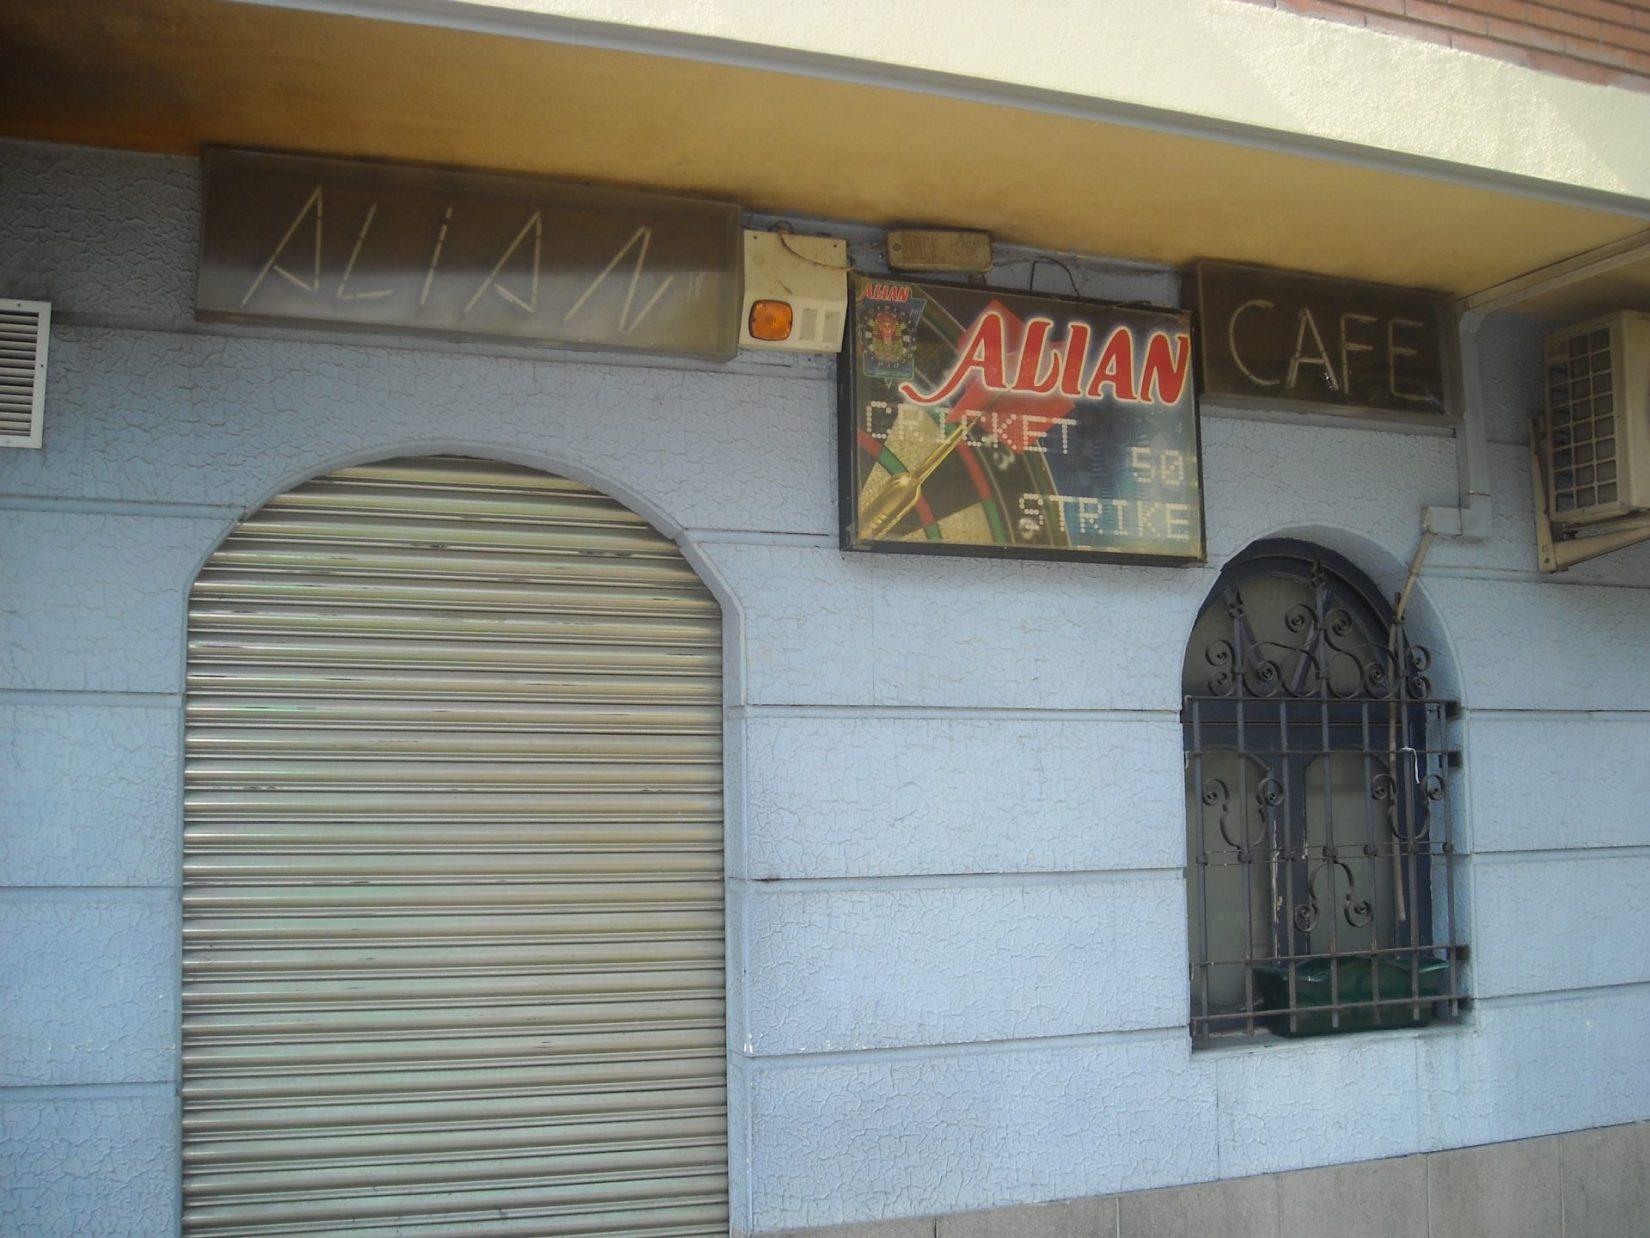 CAFETERIA PUB ALIAN